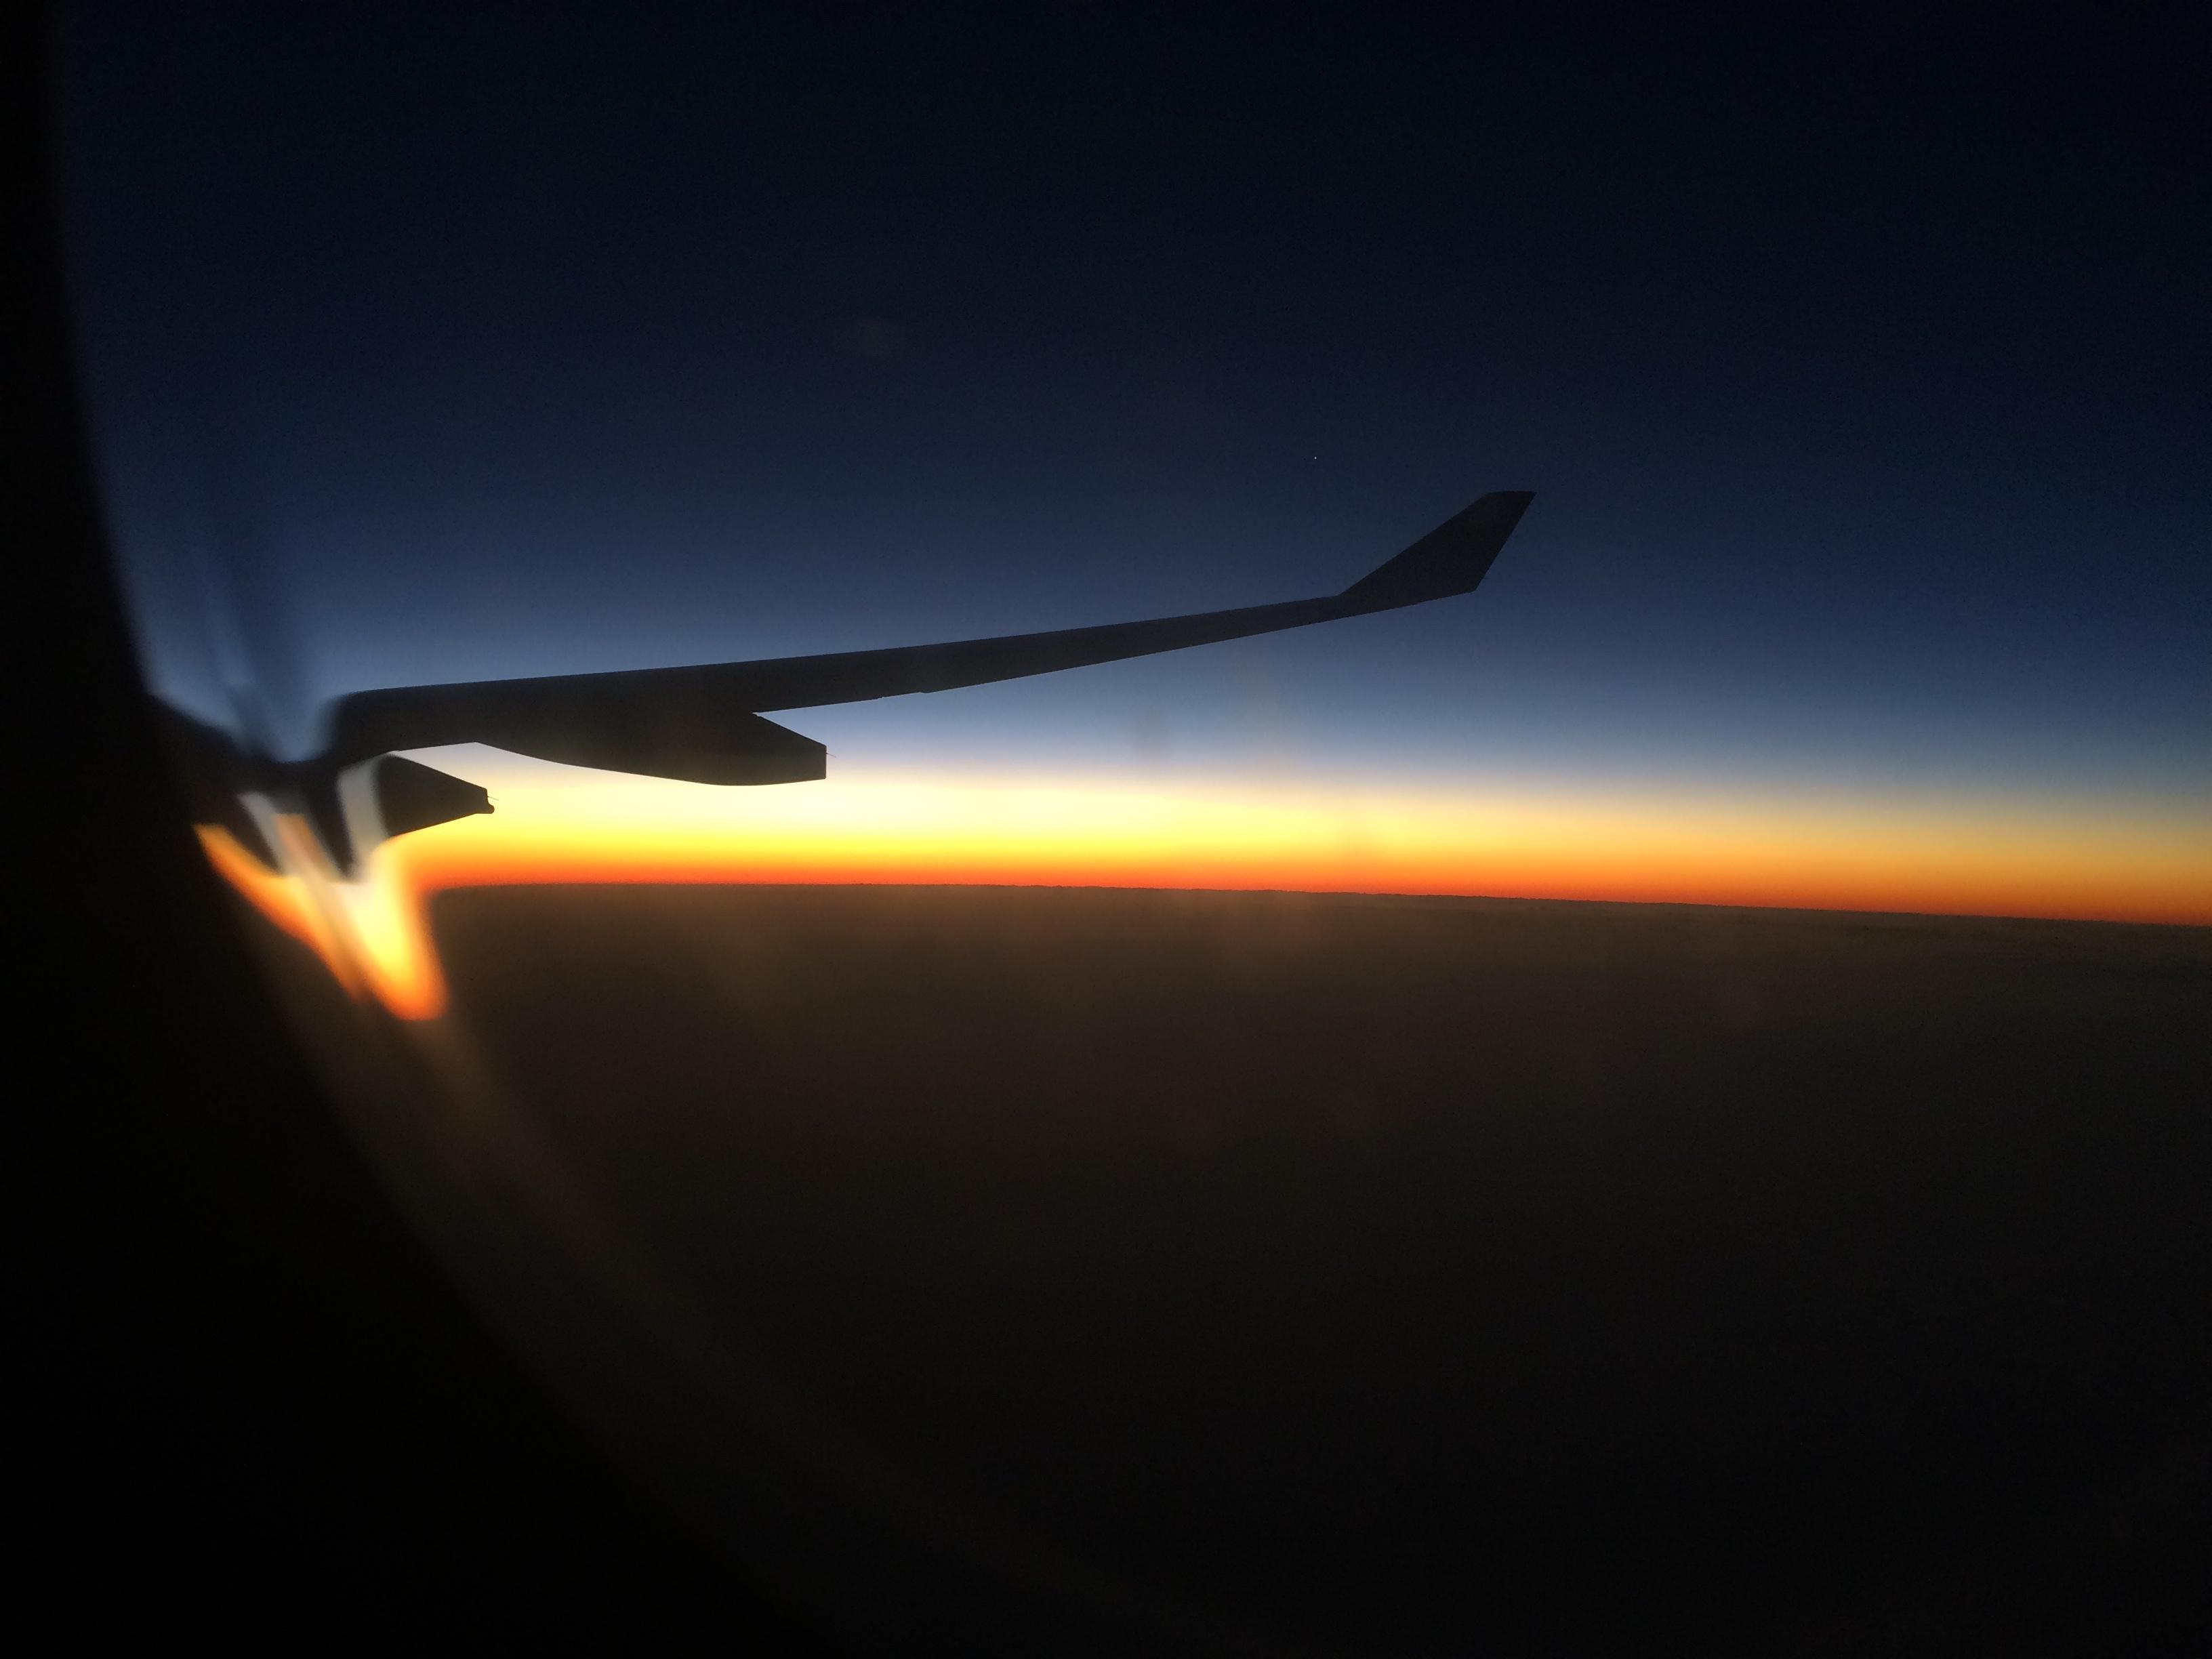 Royal Jordanian, LOT und airBaltic stellen den Flugbetrieb ein